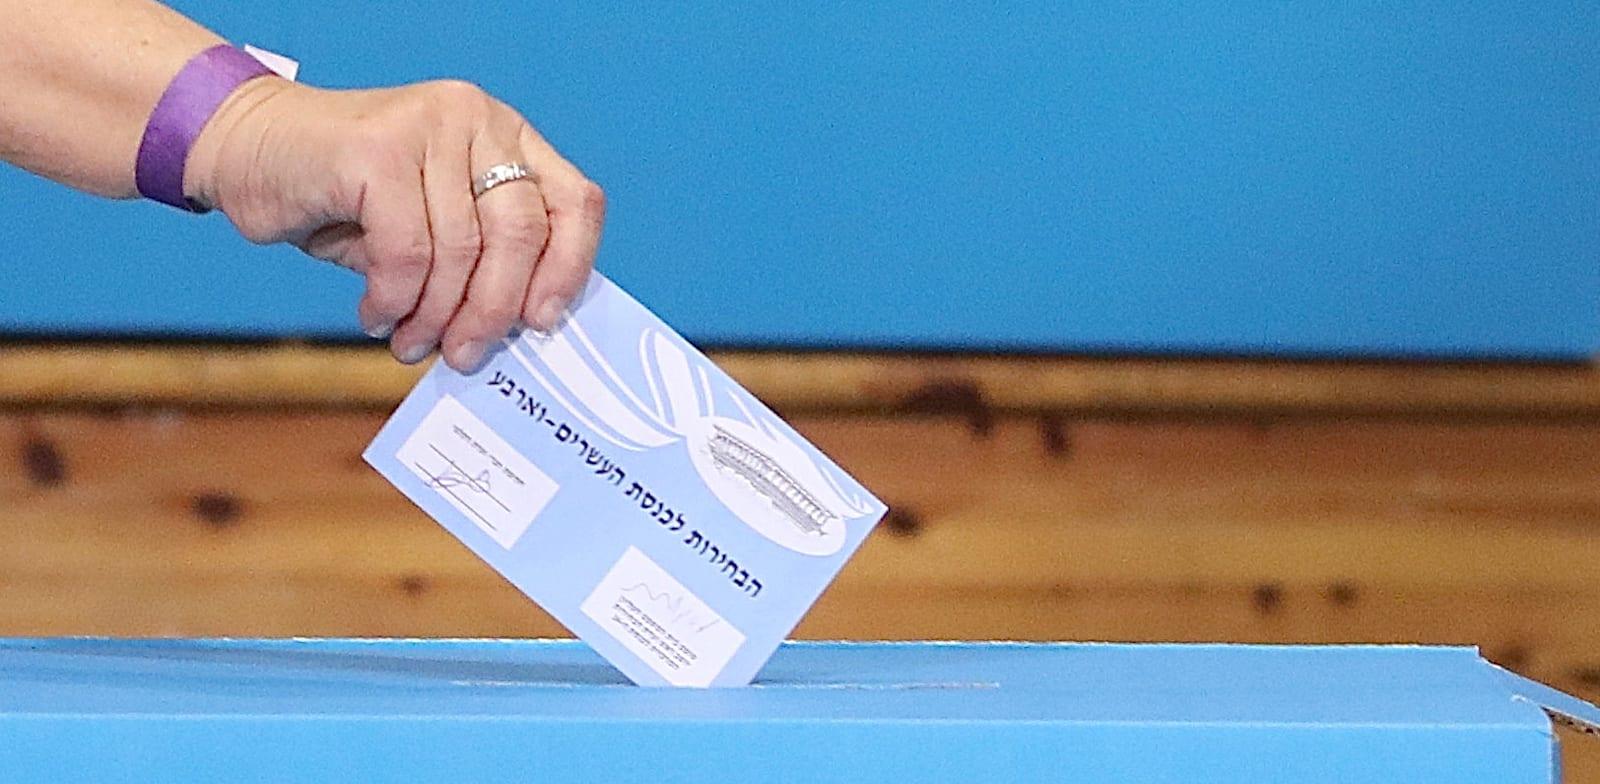 """בחירות 2021 - סבב 4 / צילום: מארק ישראל סלם, """"הארץ"""""""